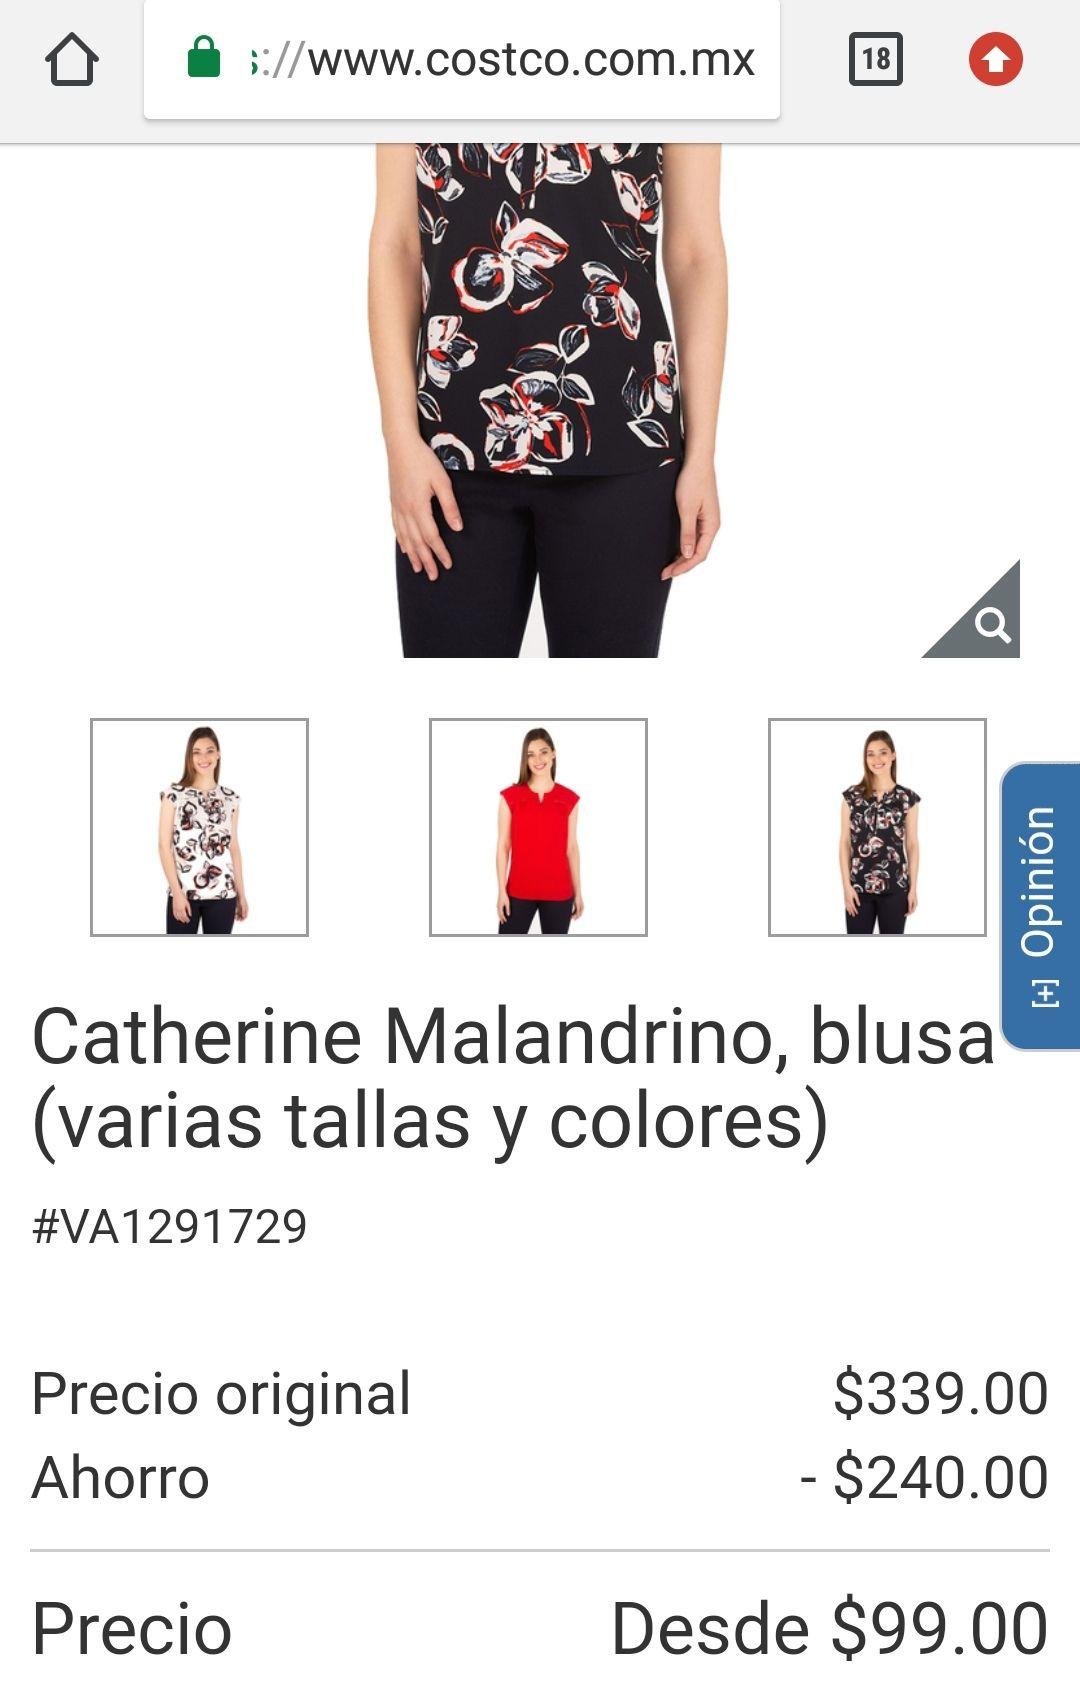 Costco: blusa en $99